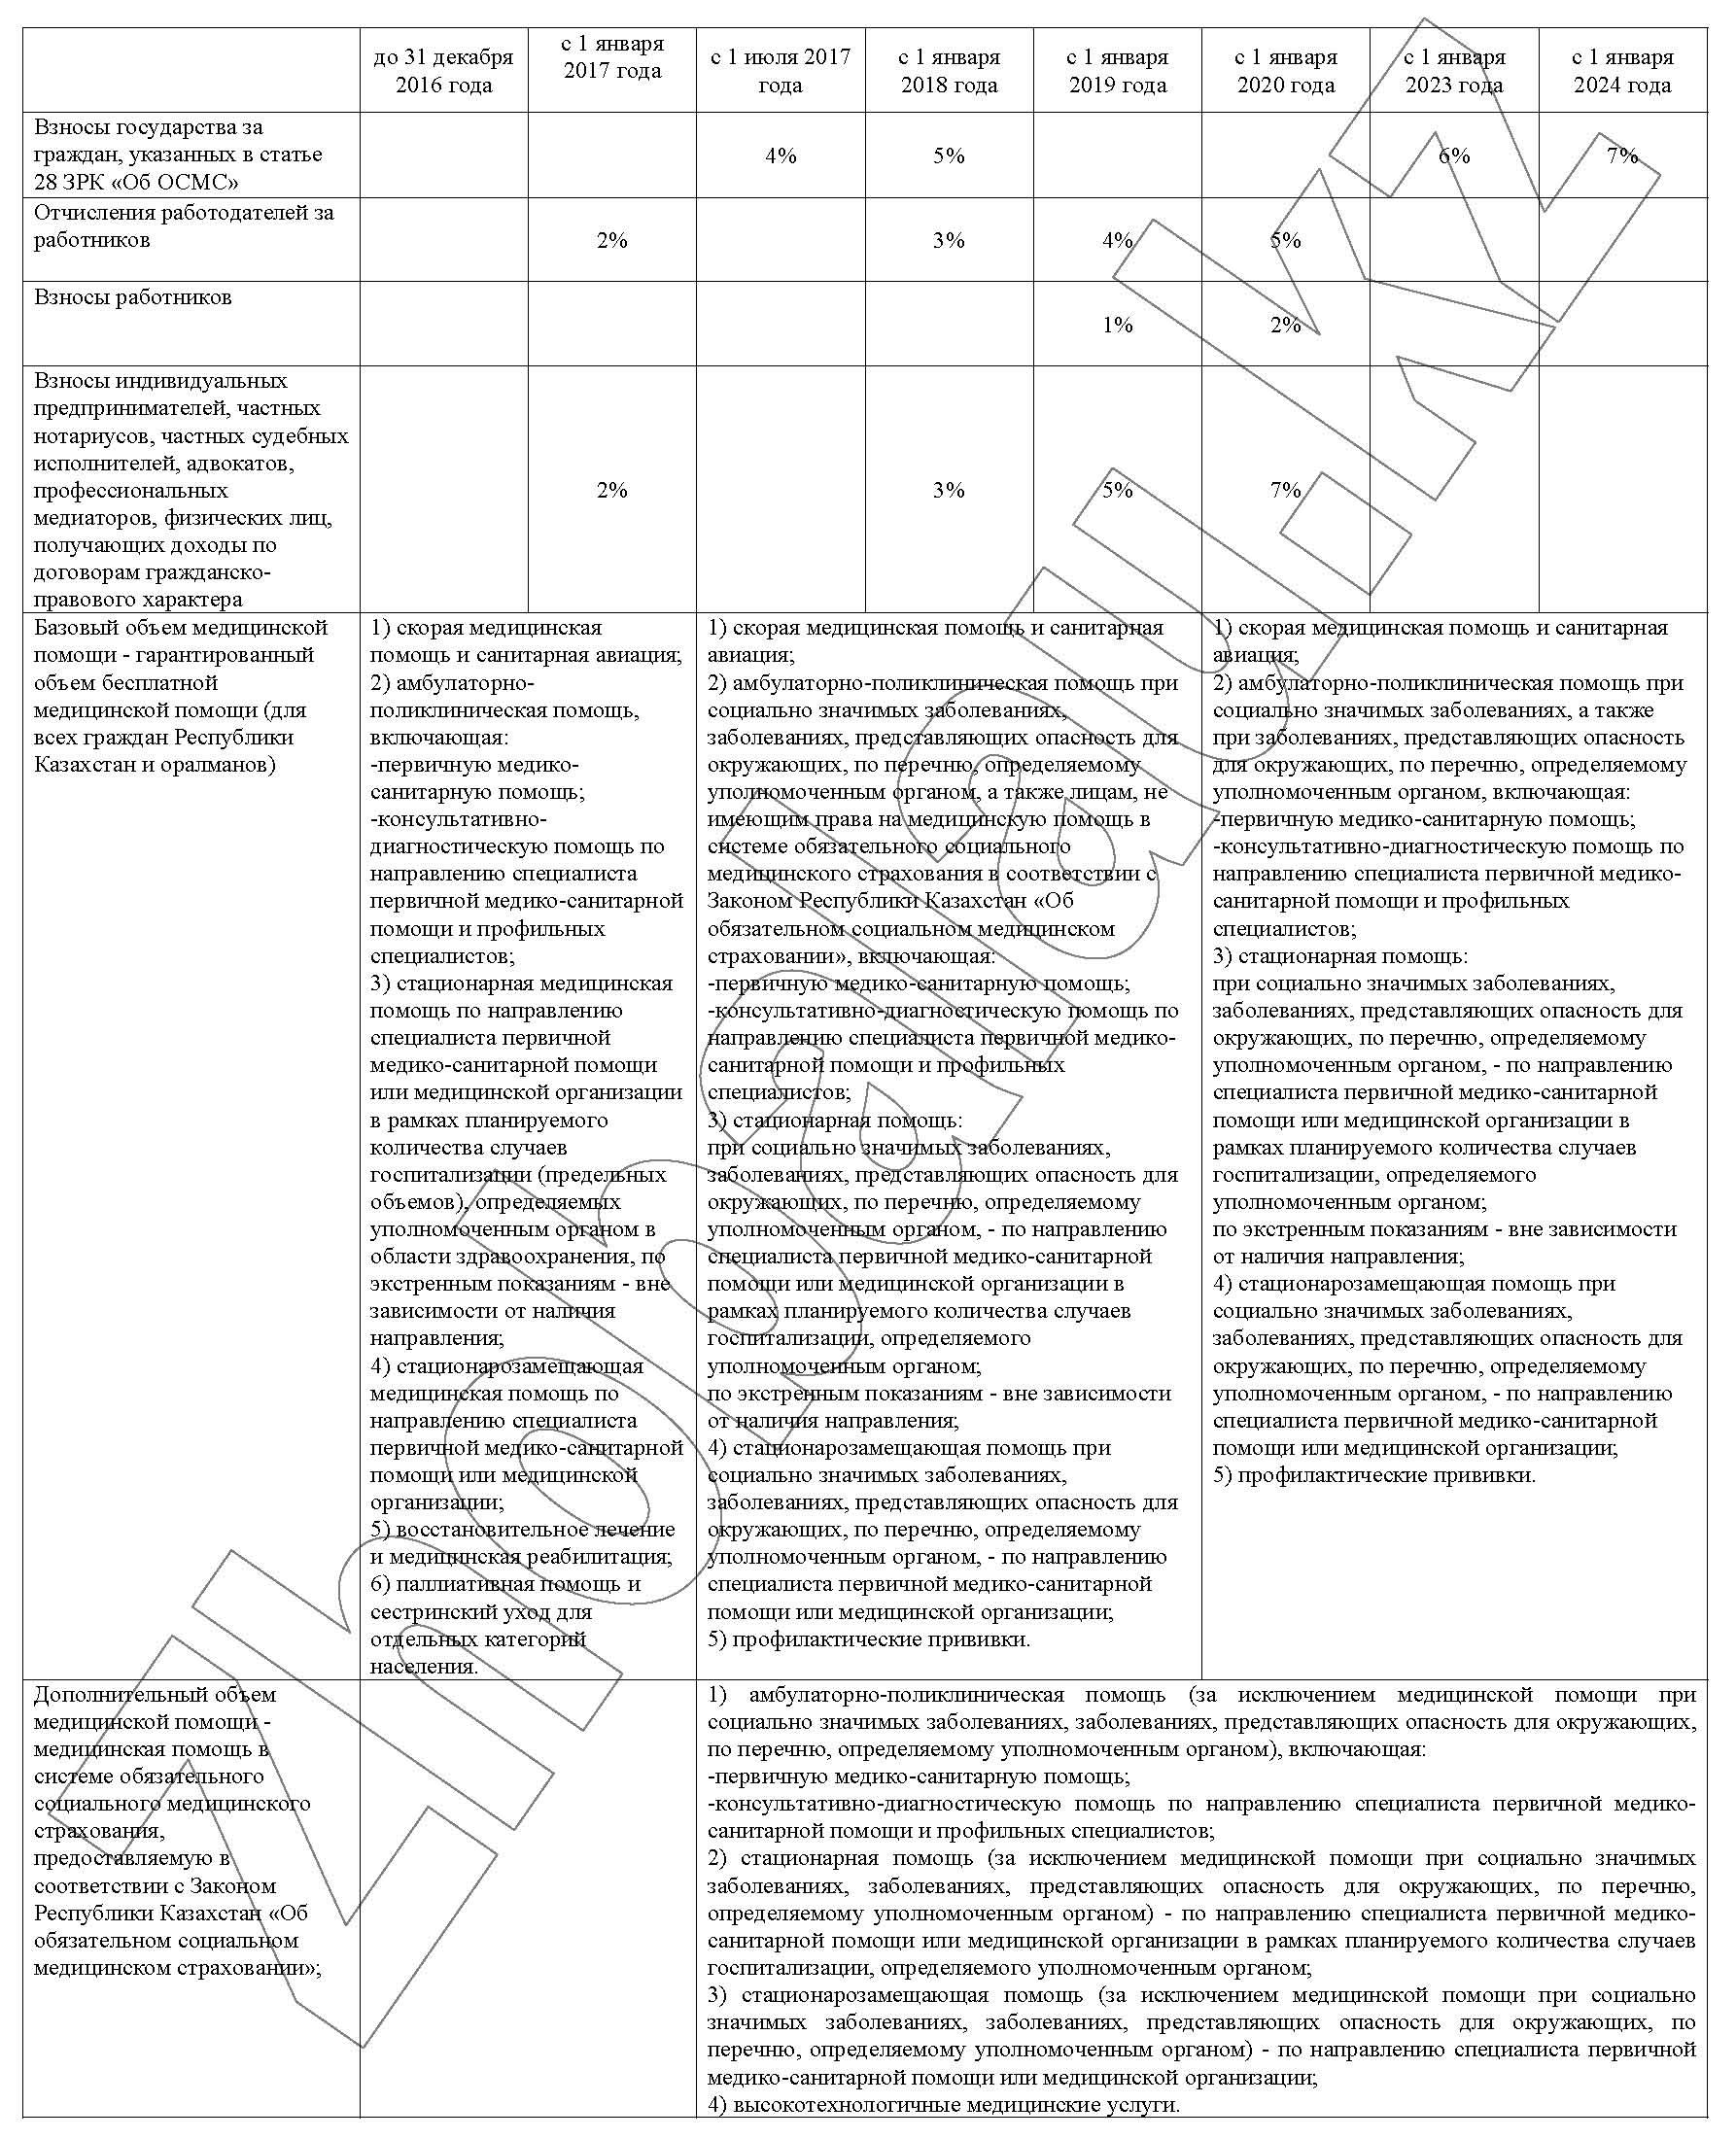 таблица ОСМС